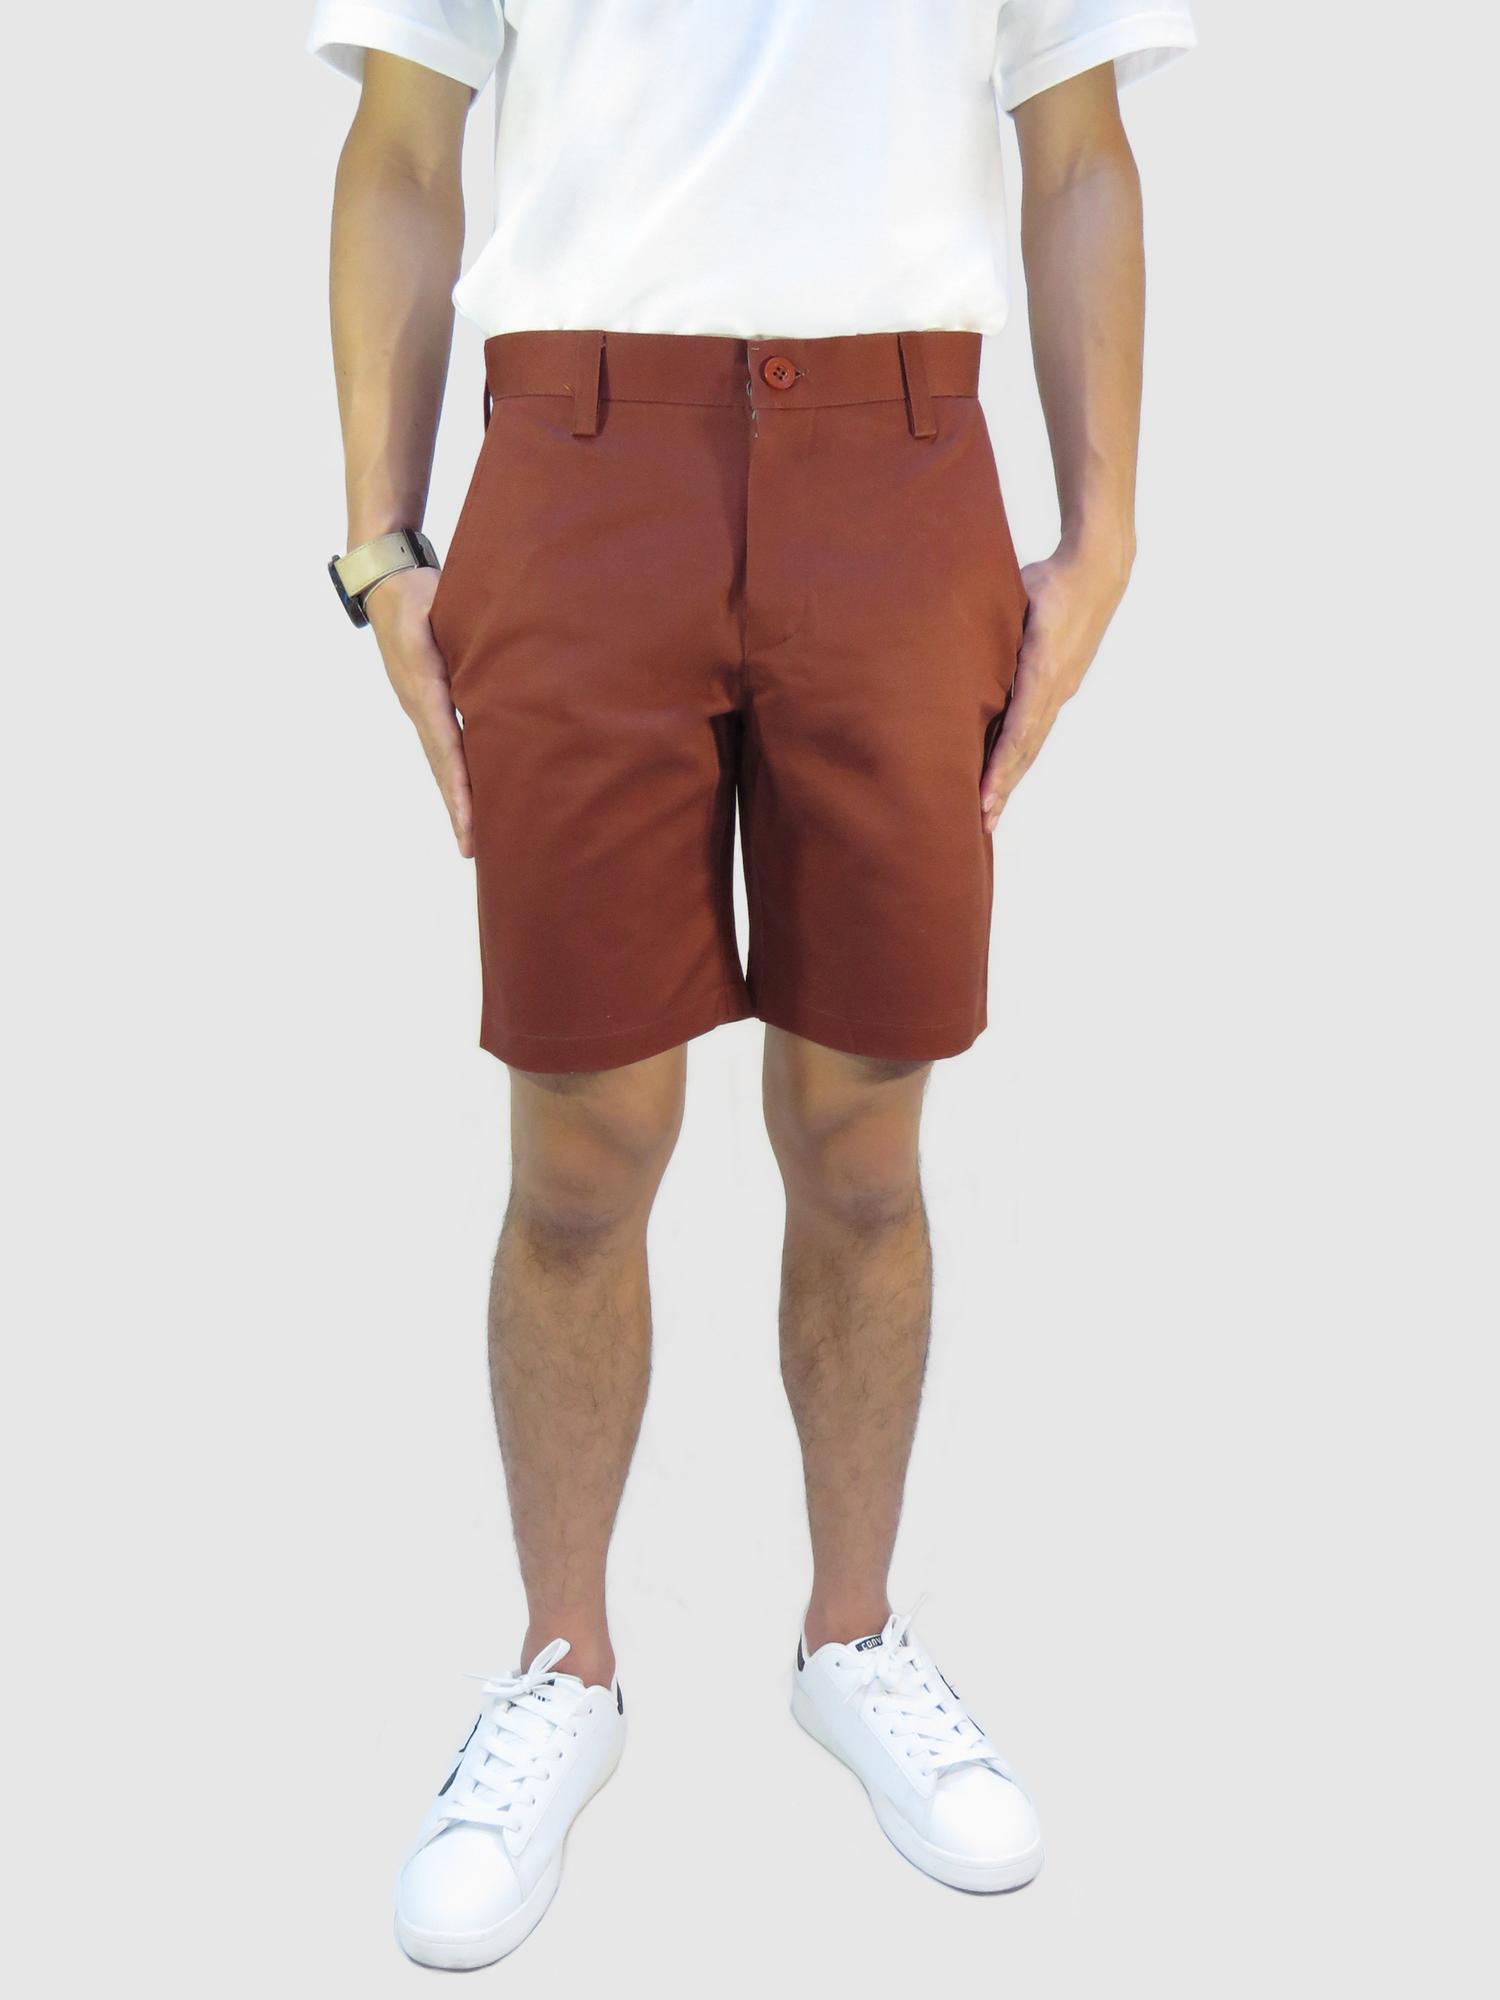 กางเกงขาสั้นชาย สีน้ำตาล